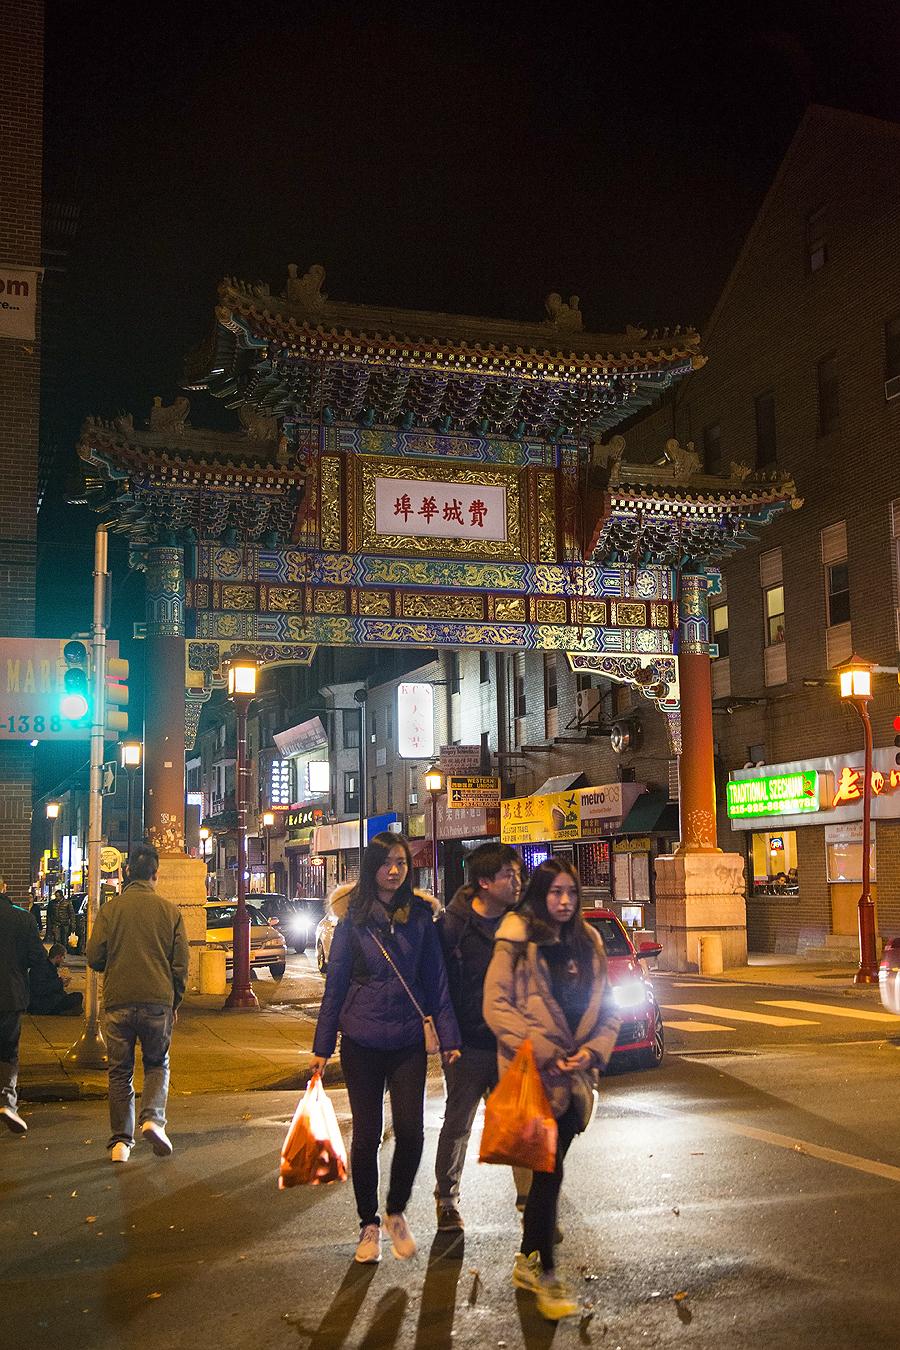 Yiran_Zhang_Wharton_Senior_Friday_Chinatown_NewYork_phillychinatown_nights